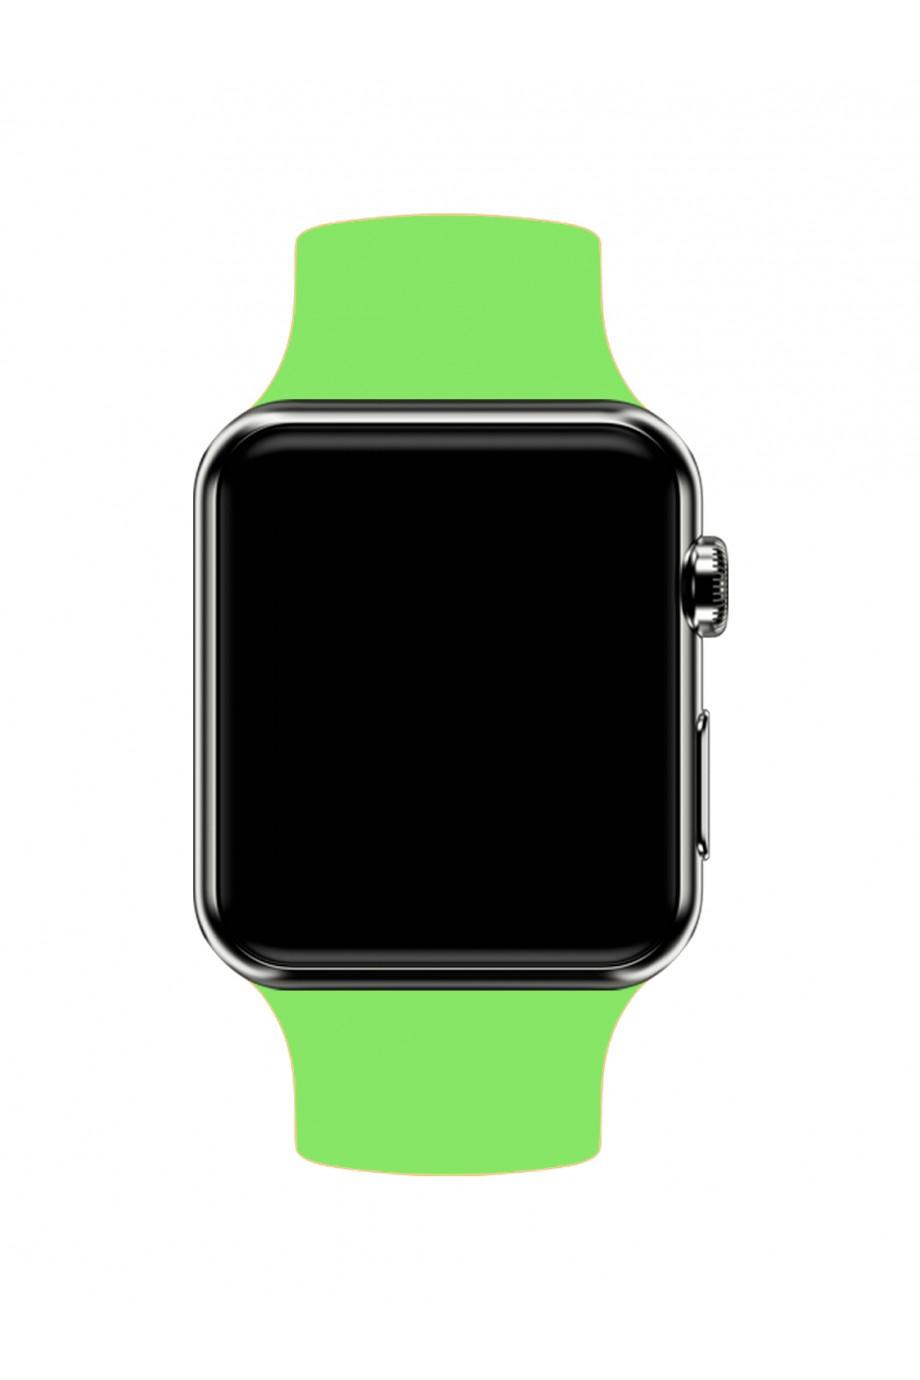 Силиконовый ремешок для Apple Watch 4/5 44 мм, салатовый